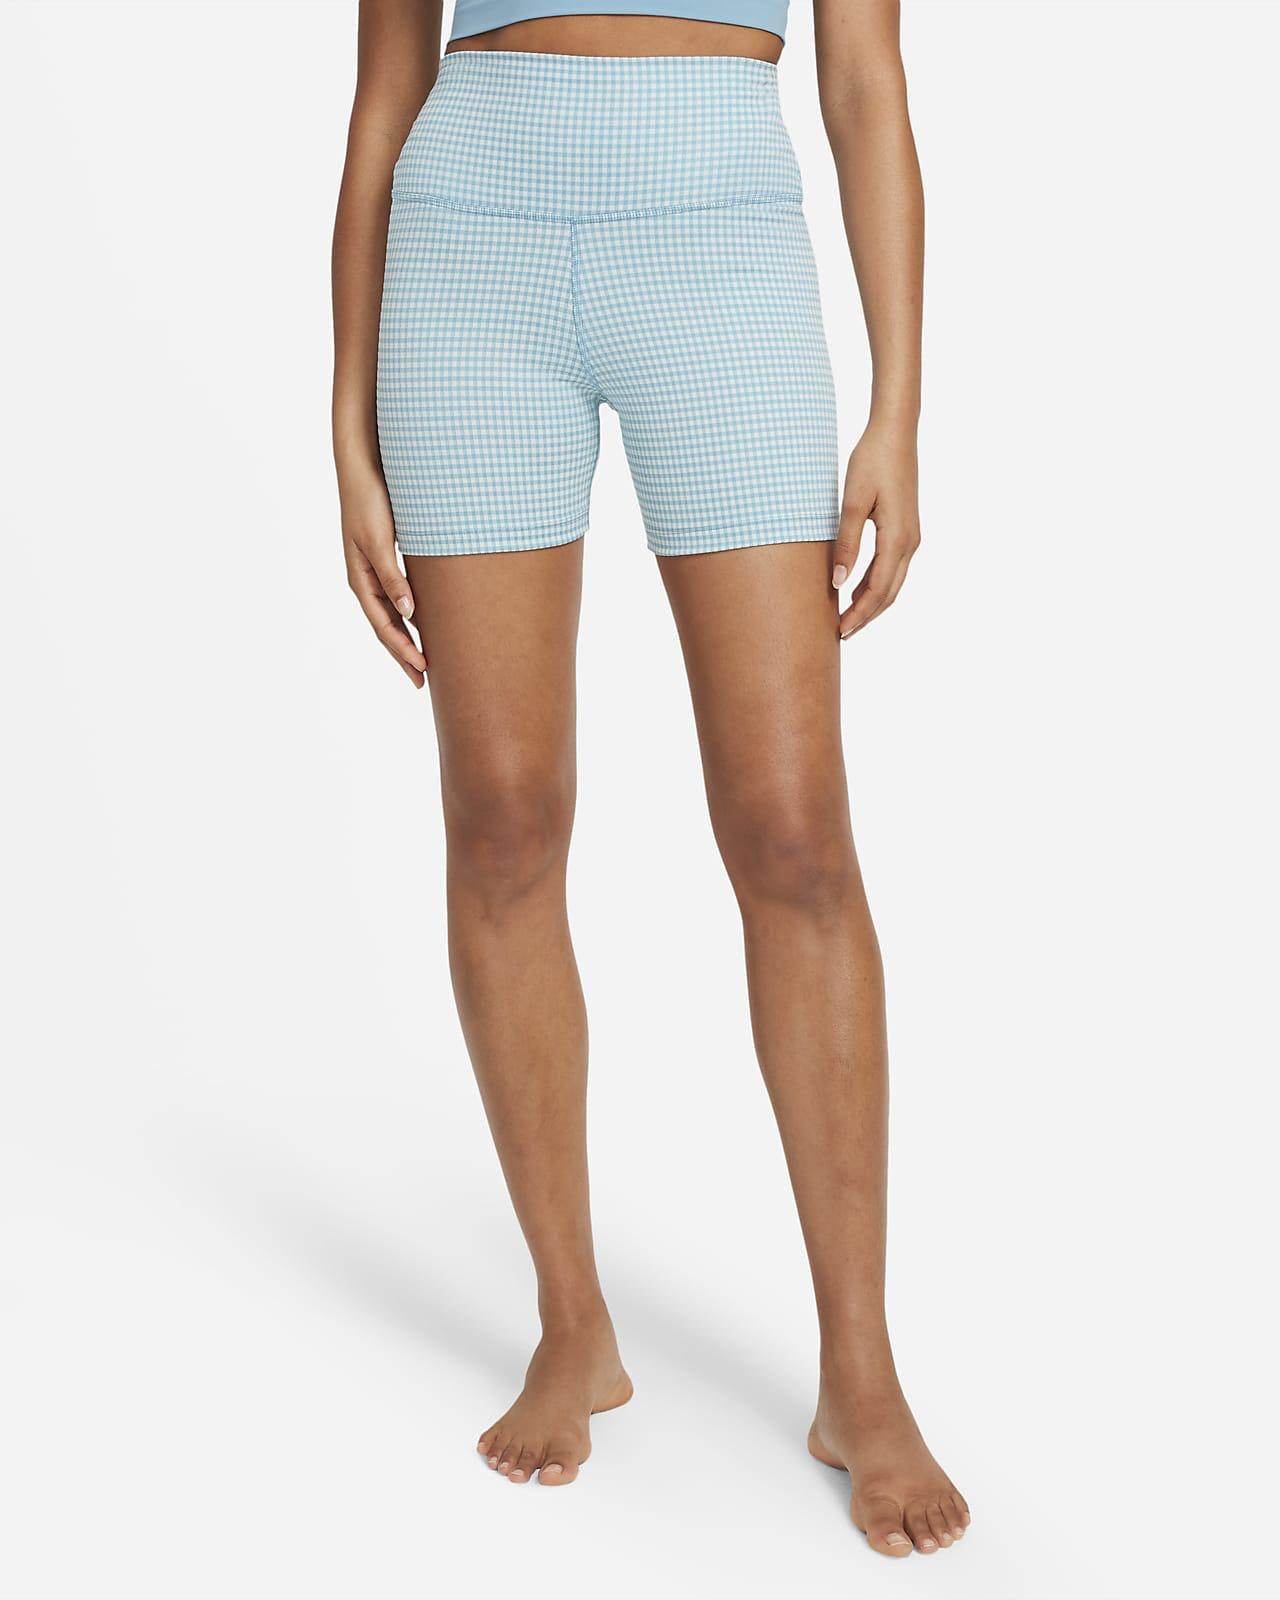 Shorts a cuadros para mujer Nike Yoga